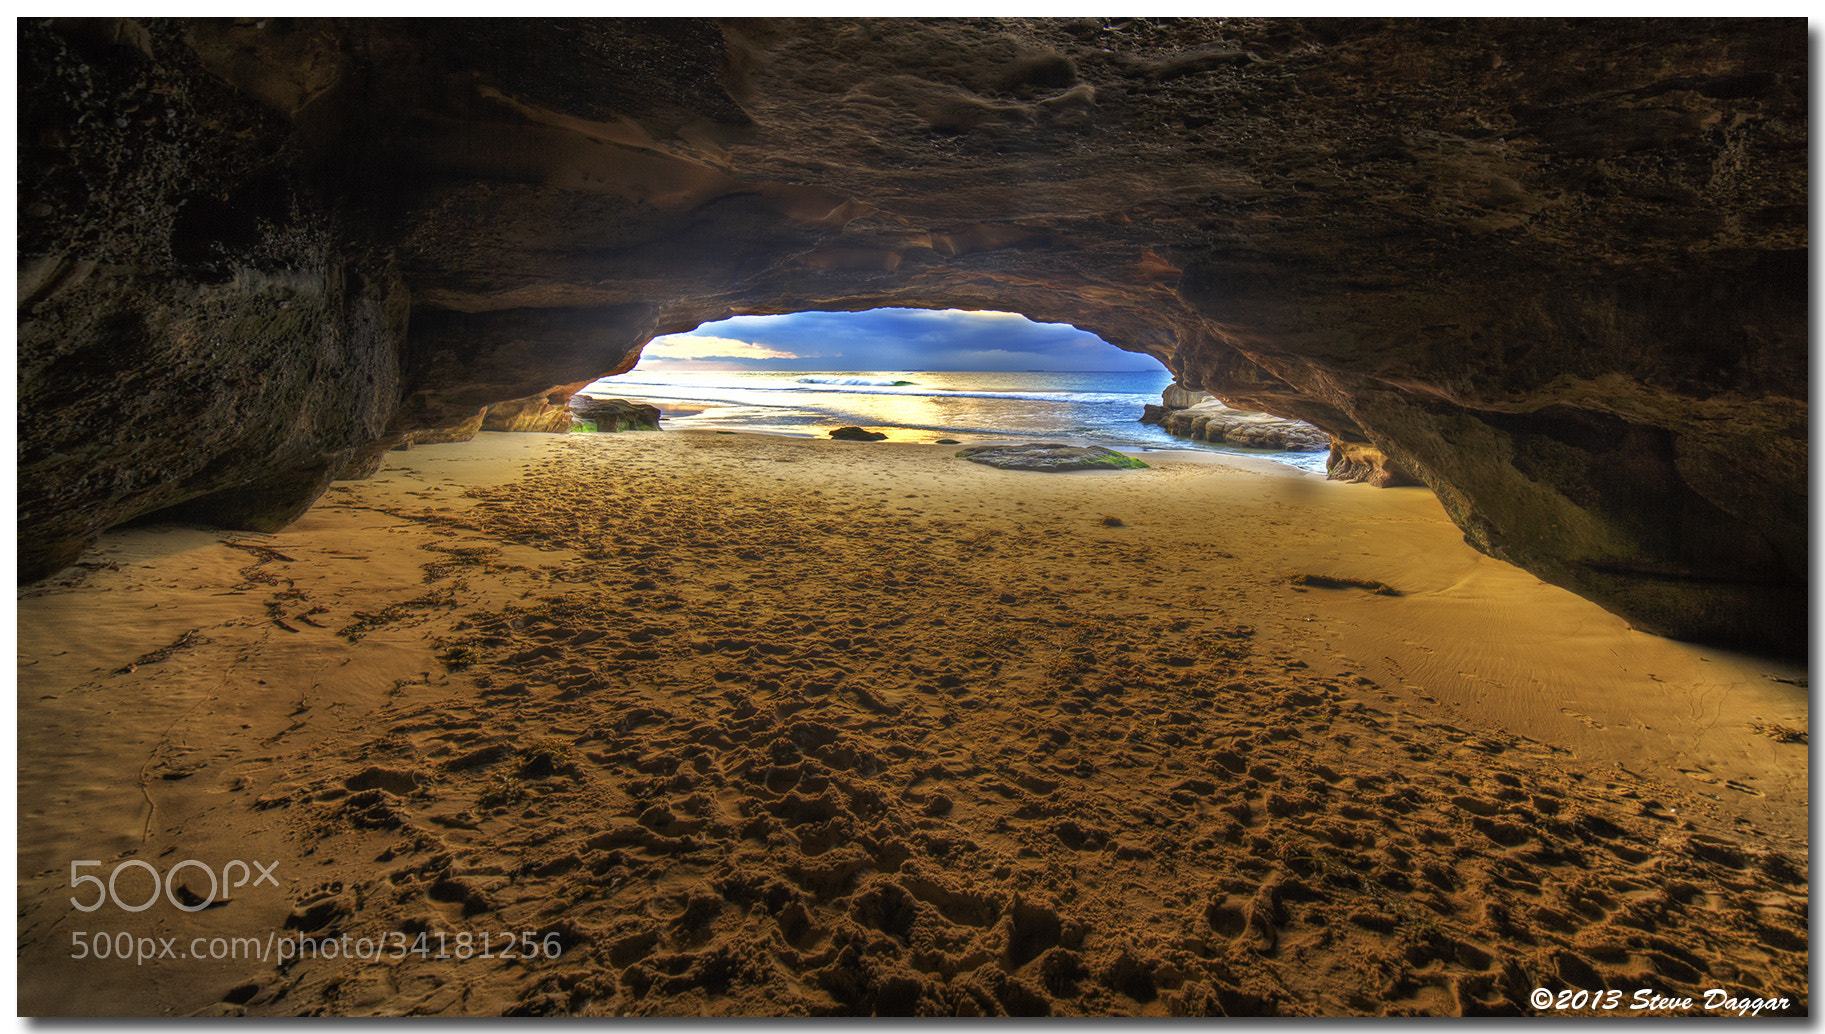 Photograph Caves Beach by Steve Daggar on 500px